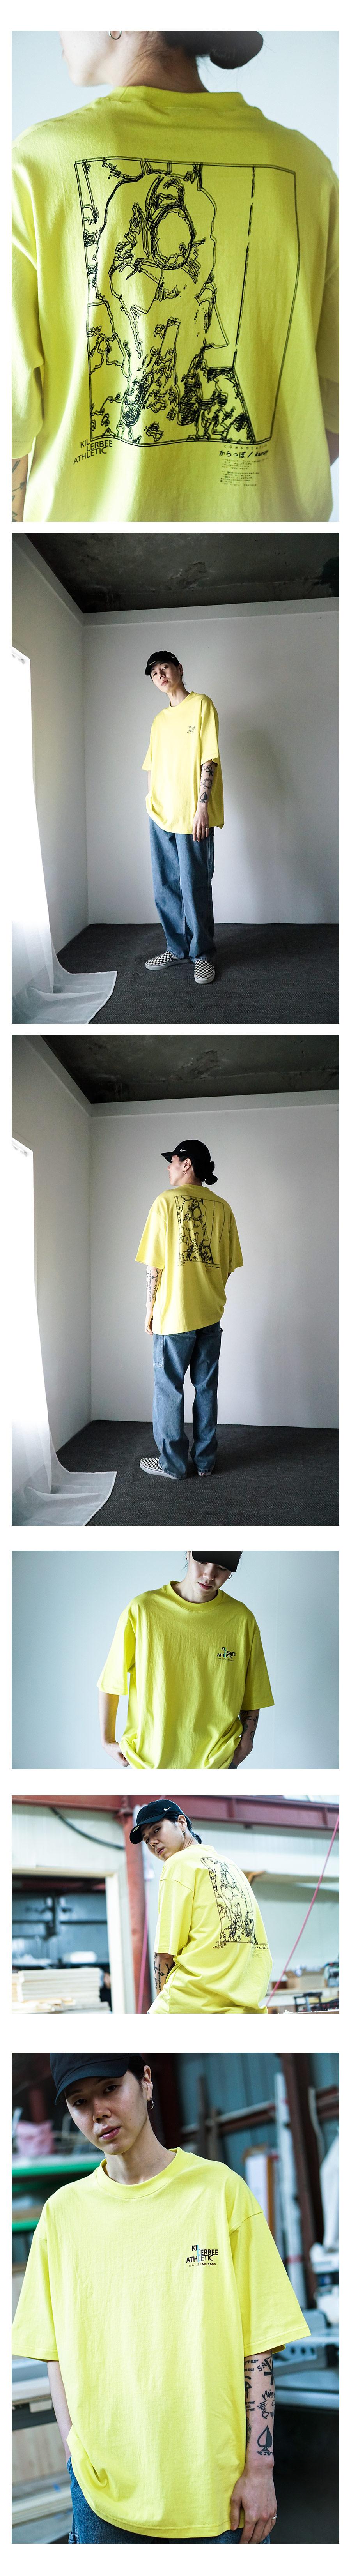 킬러비(KILLER BEE) 카라포 오버사이즈 티셔츠 (네온)